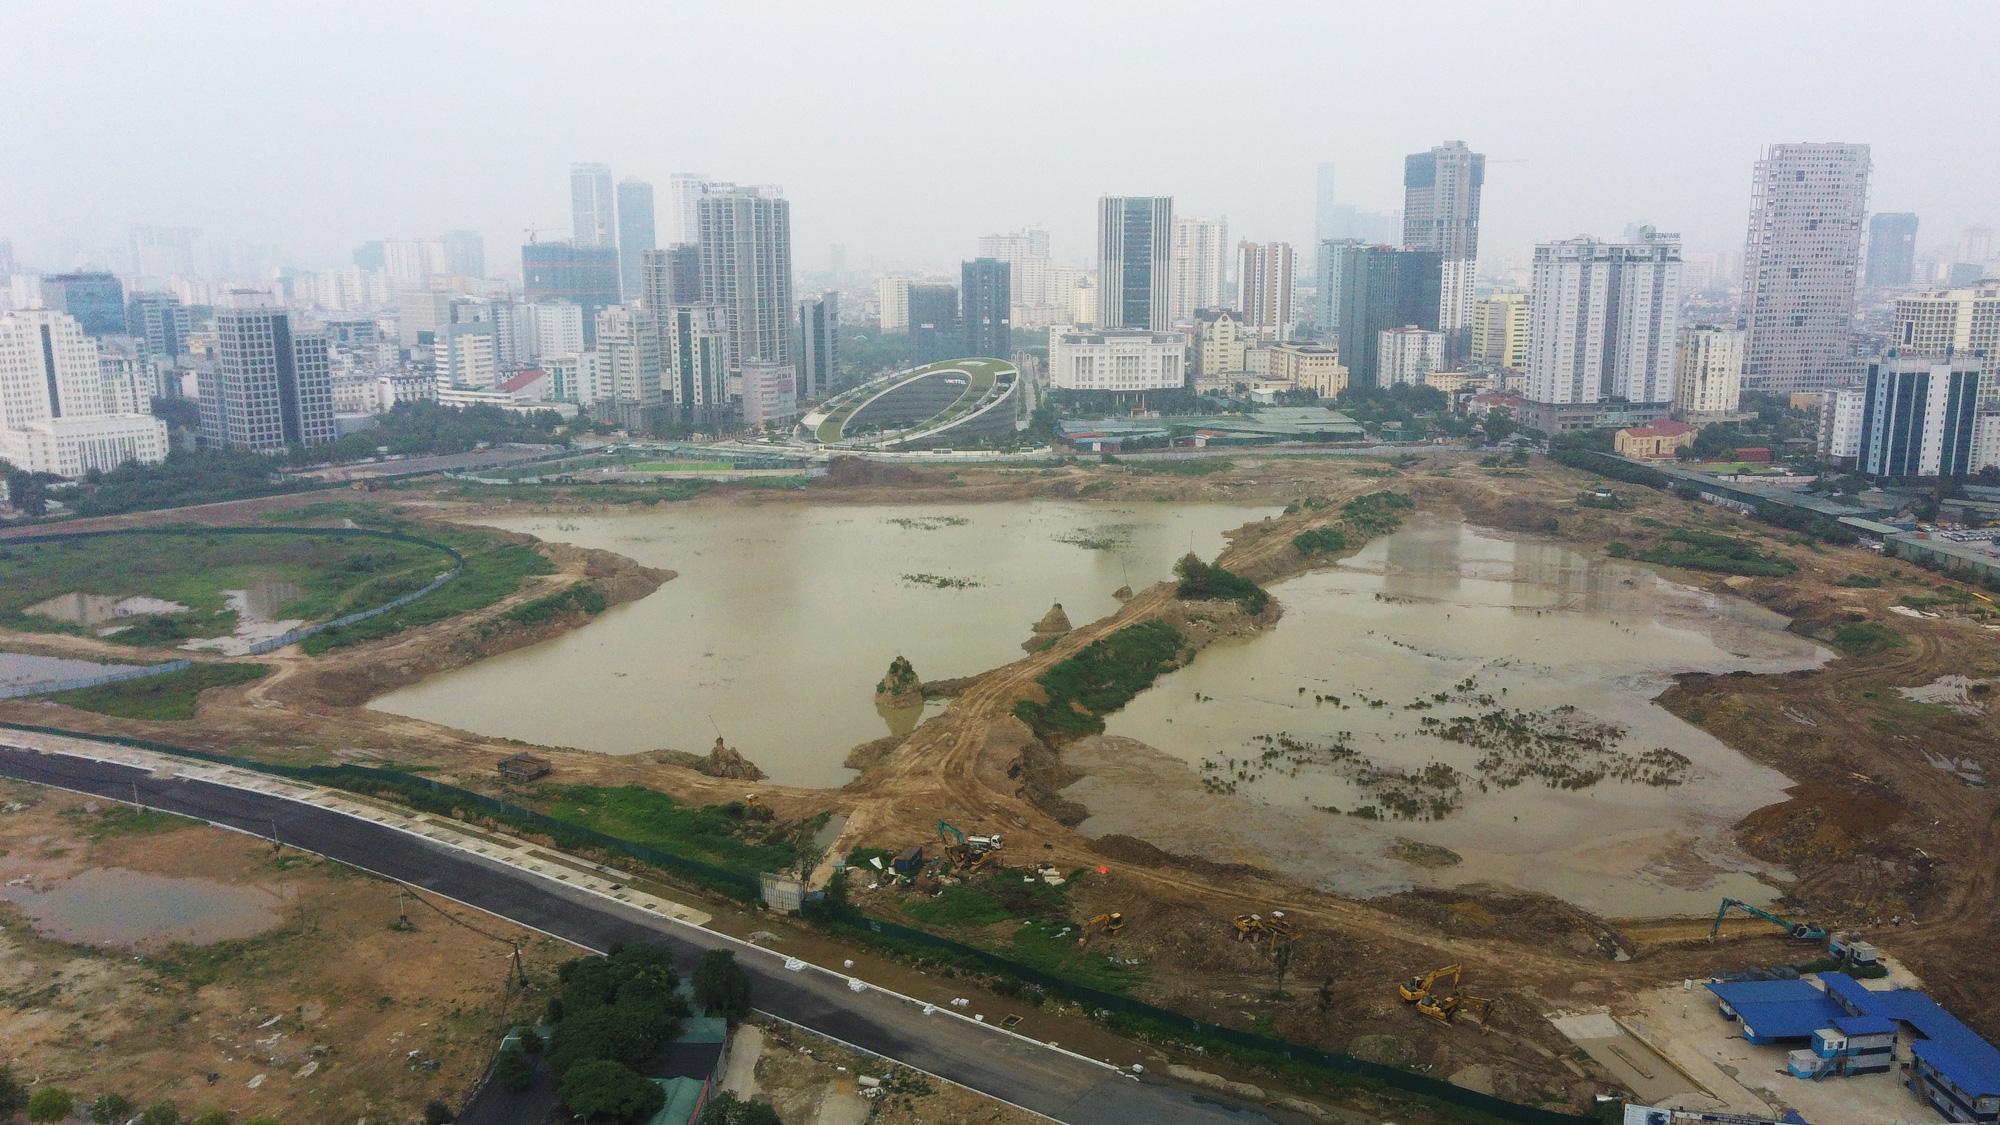 4 mảnh đất sẽ được đào hồ lớn ở quận Nam Từ Liêm - Ảnh 10.